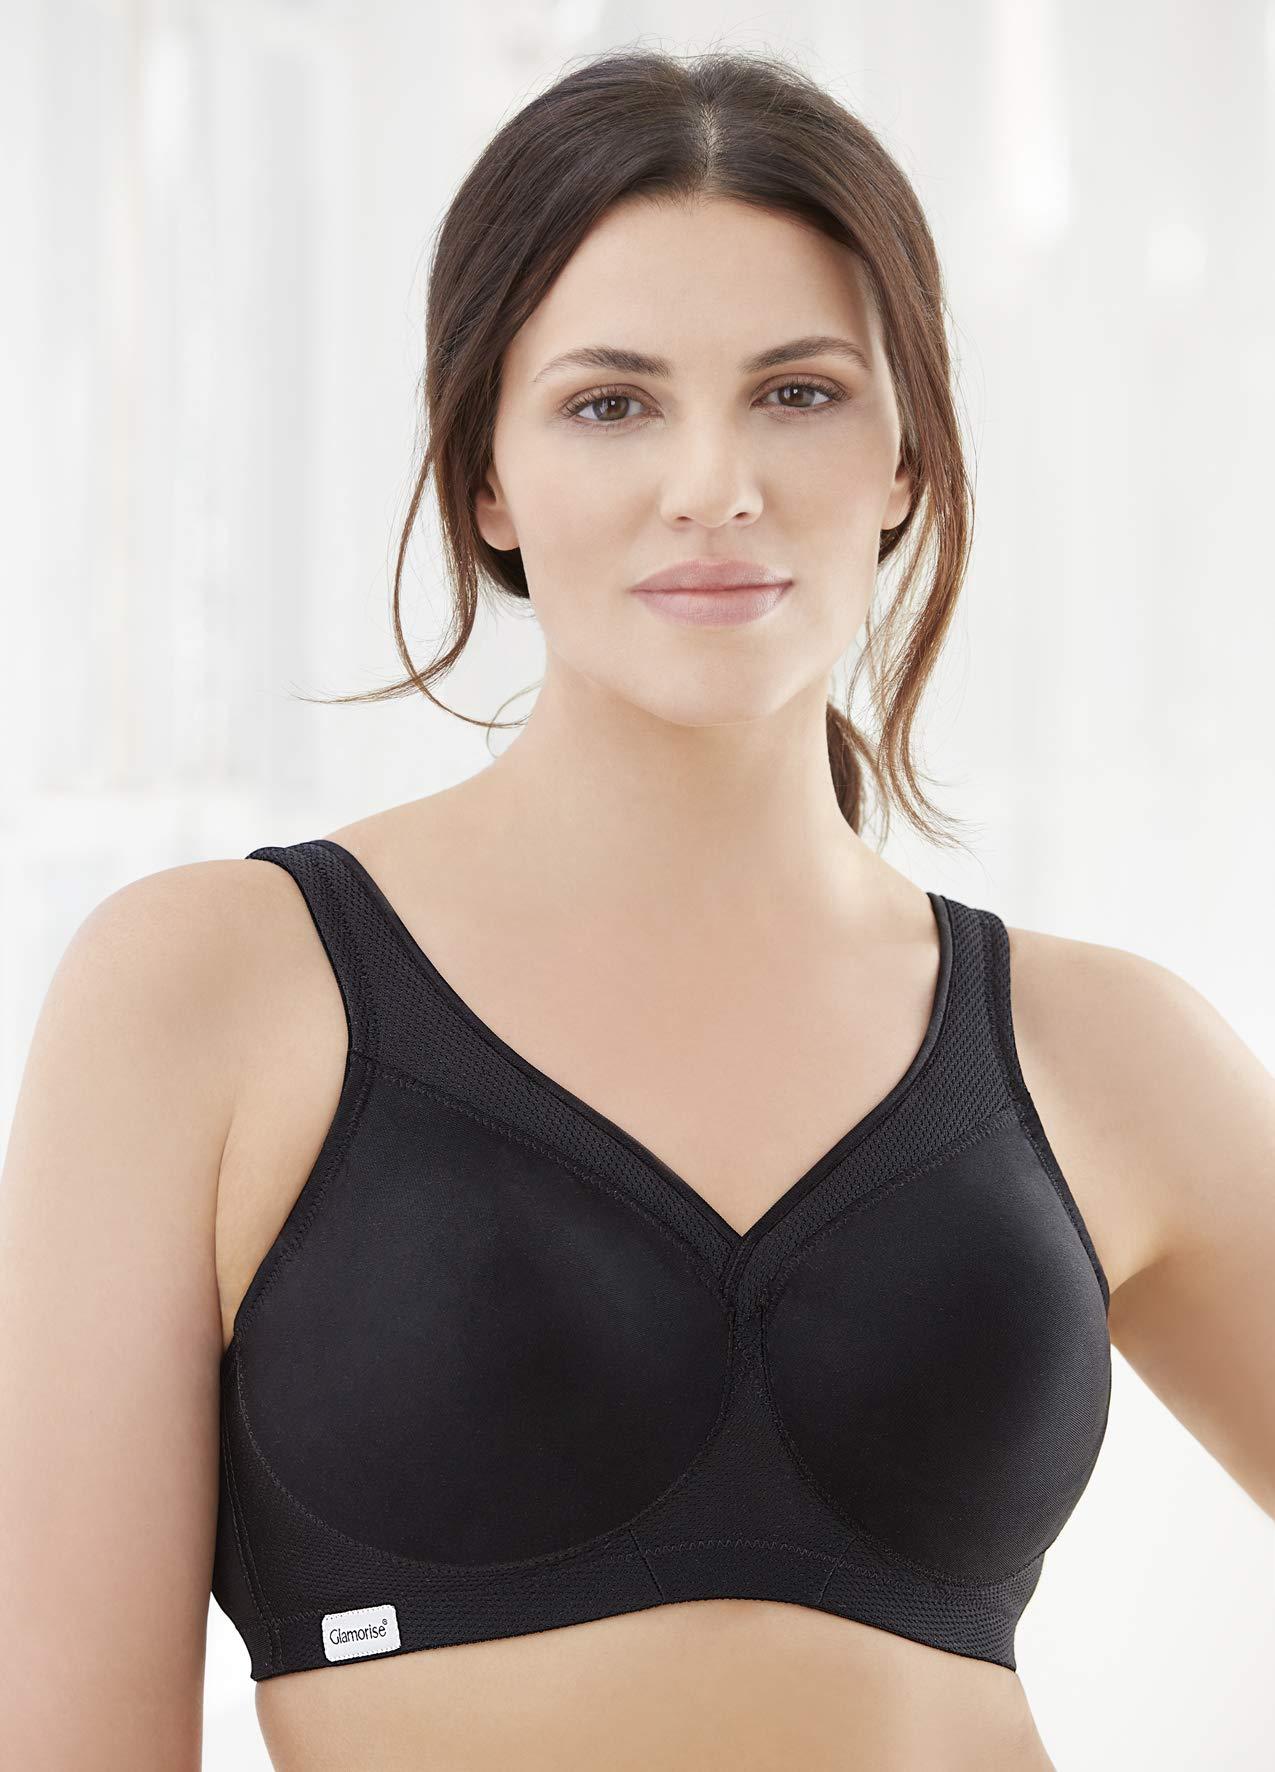 Glamorise Women's Plus Size Full Figure MagicLift Seamless Wirefree Sports Bra #1006, black, 34B by Glamorise (Image #1)